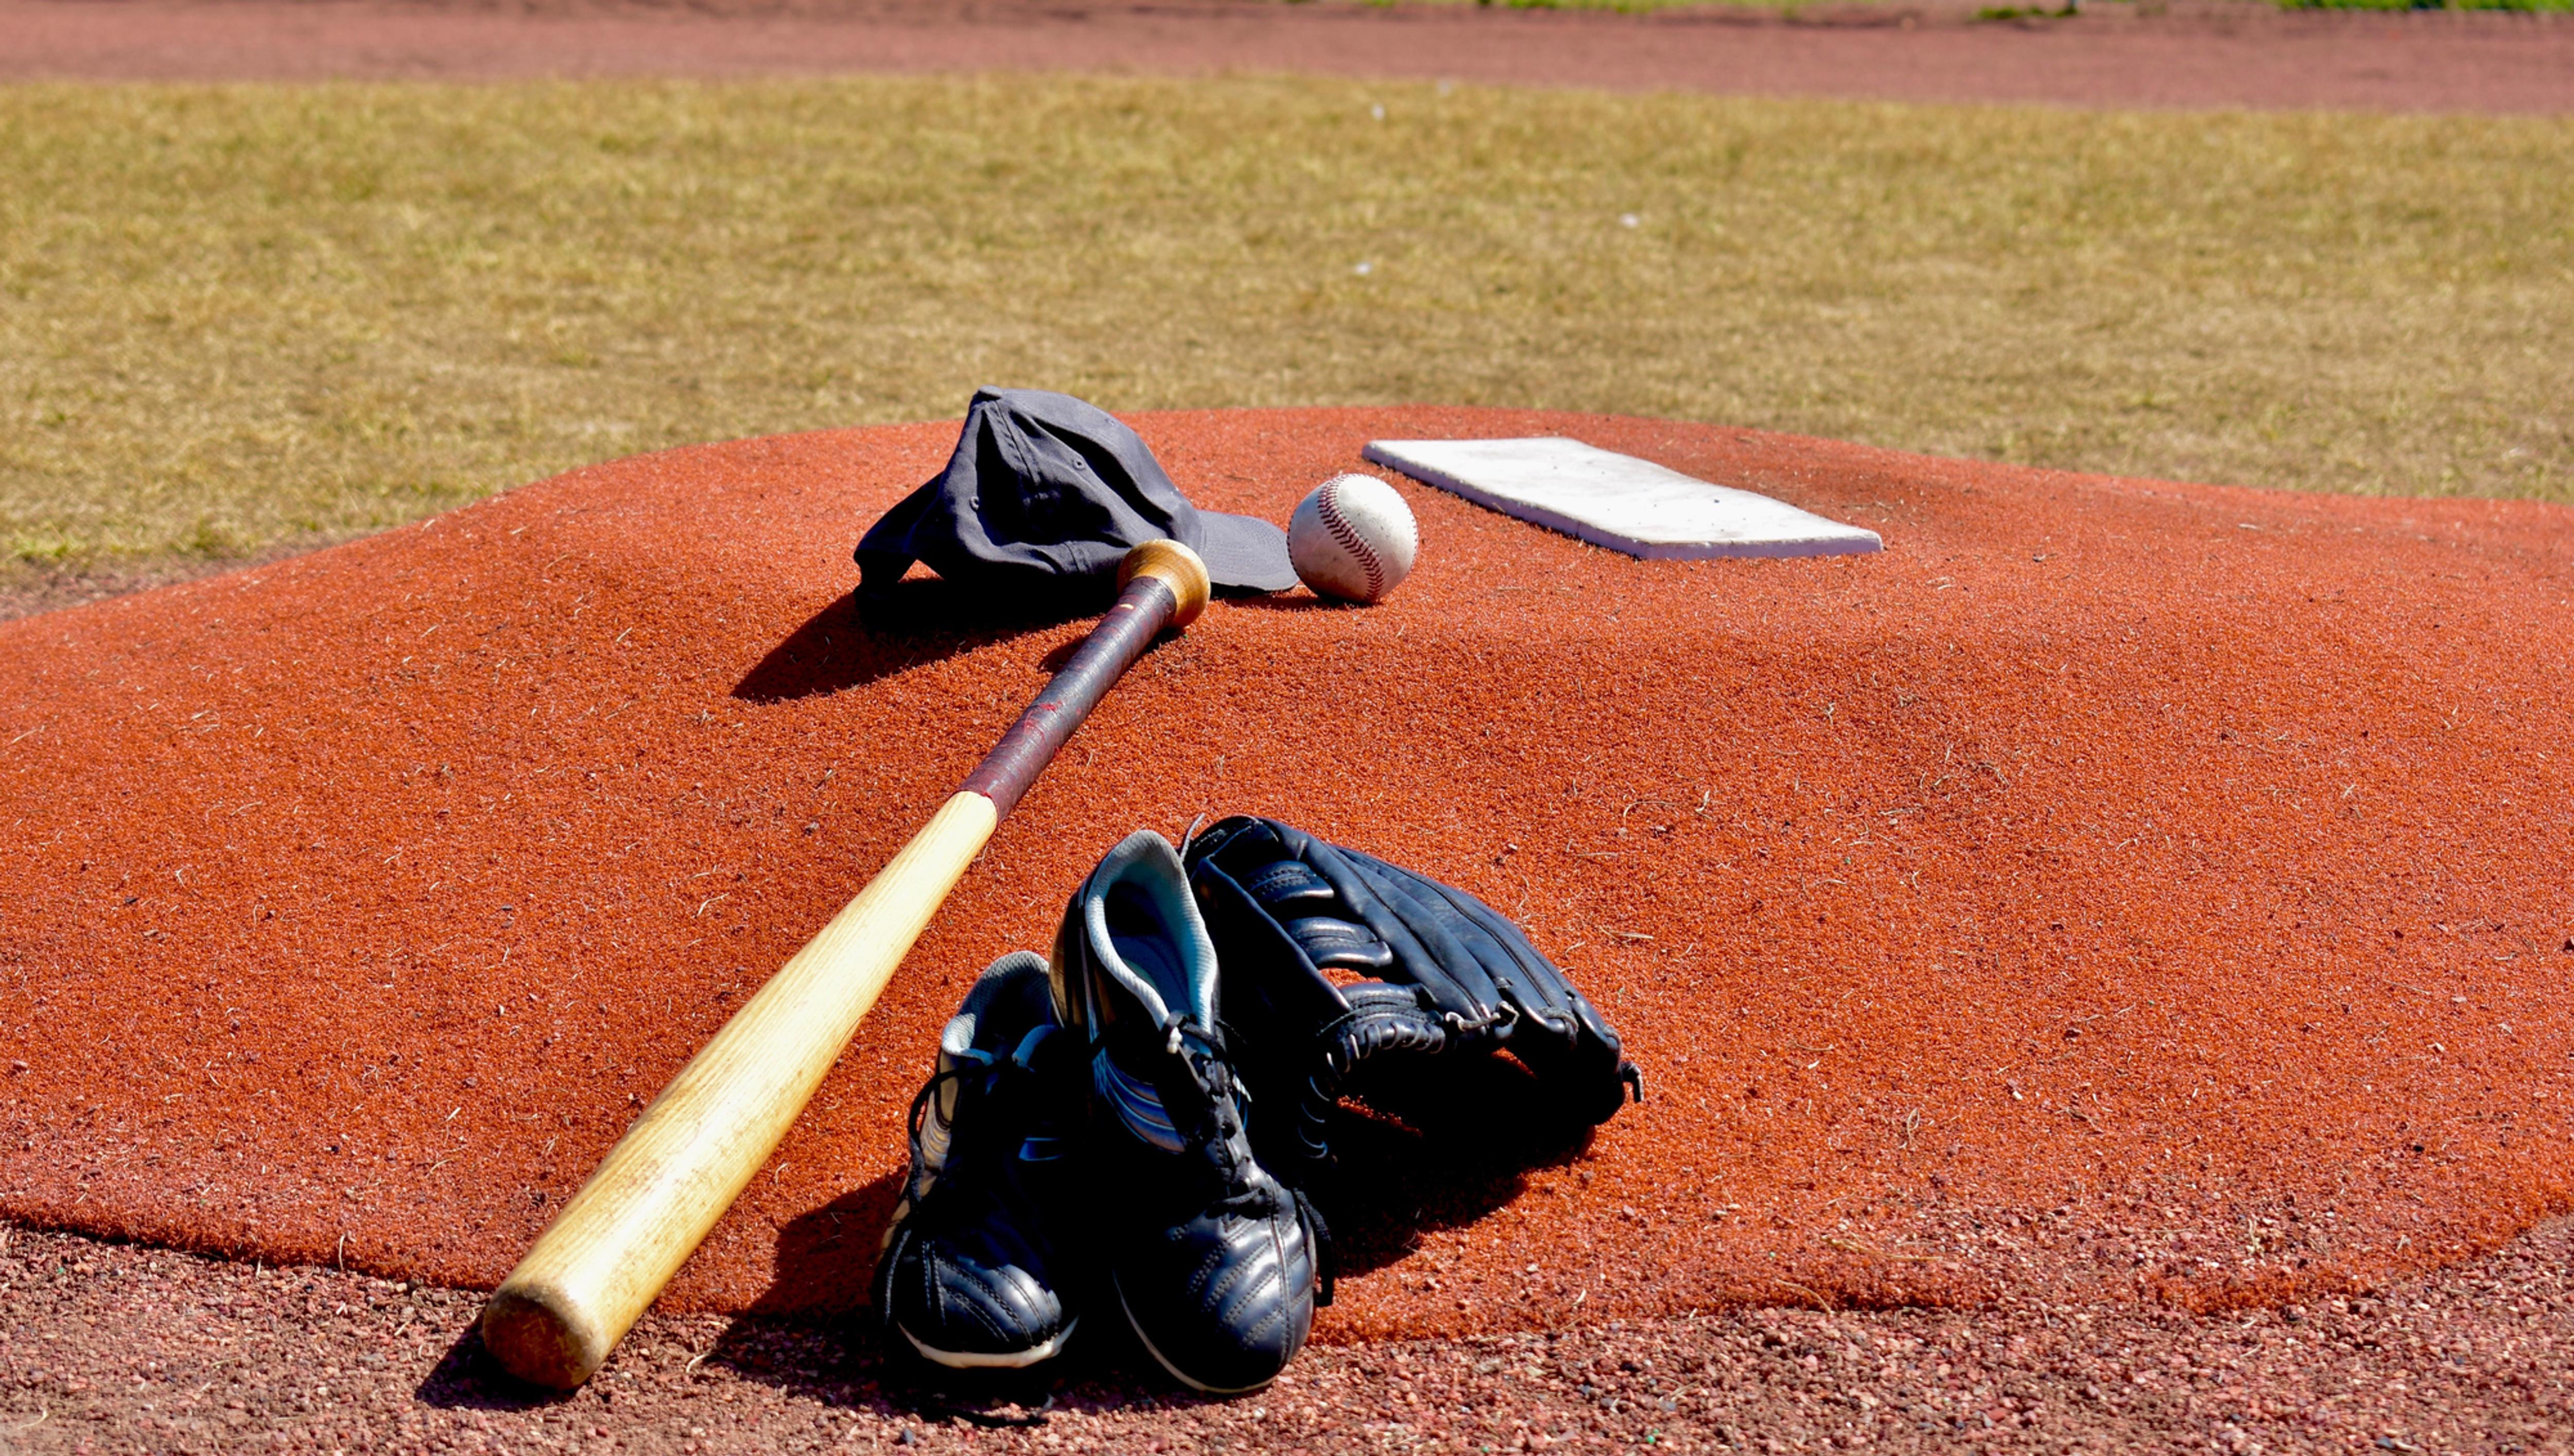 Hitting & Pitching